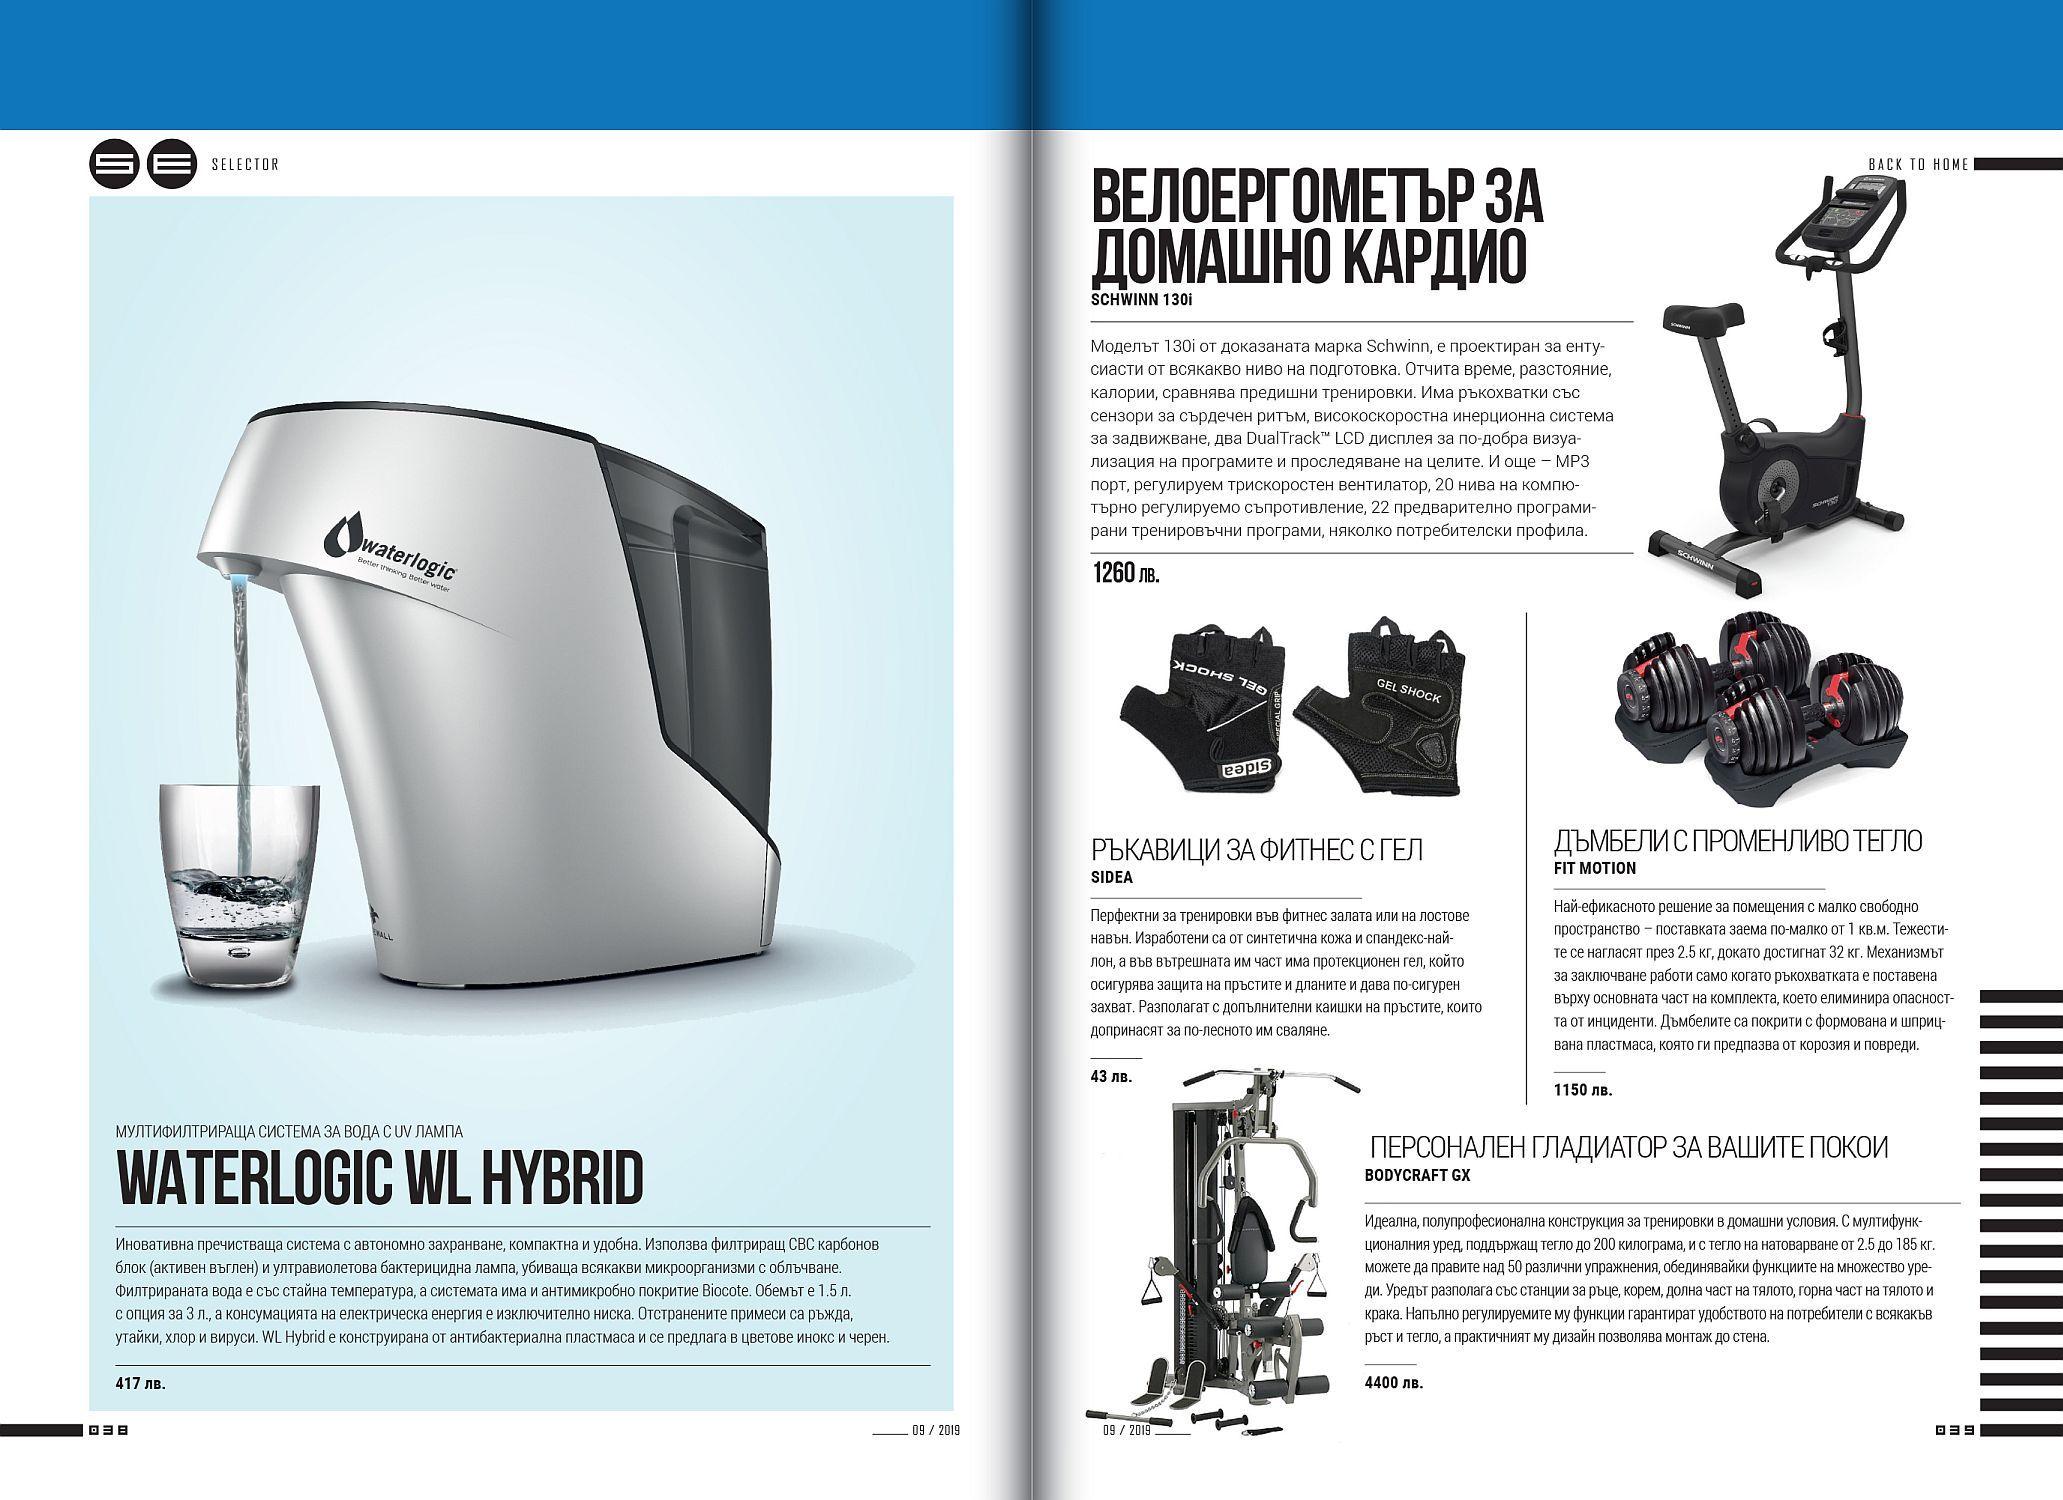 HiComm Есен 2019: Списание за нови технологии и комуникации - брой 213 - 10